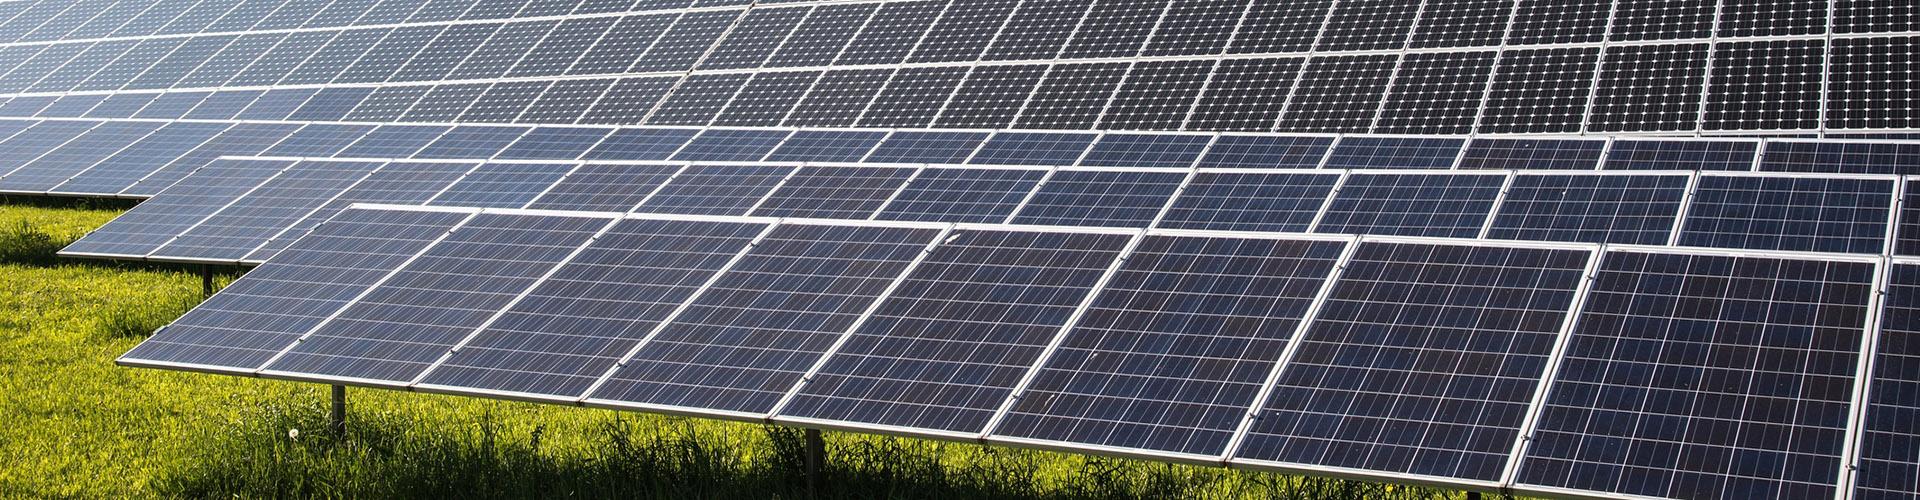 Parc photovoltaïque HT